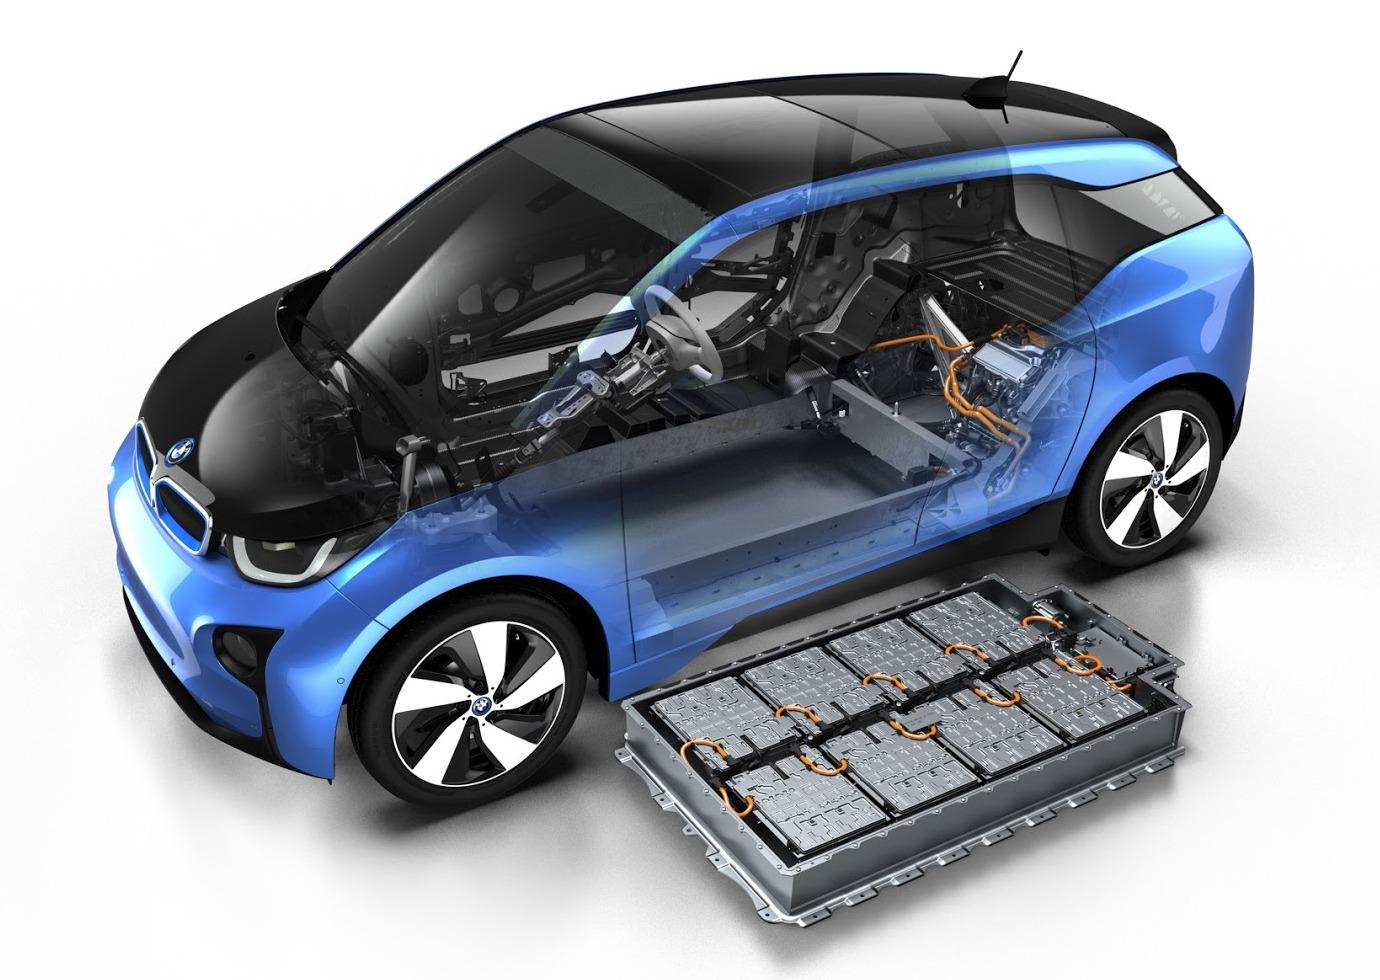 BMW заявила, что батареи в ее электромобилях рассчитаны минимум на 15 лет службы